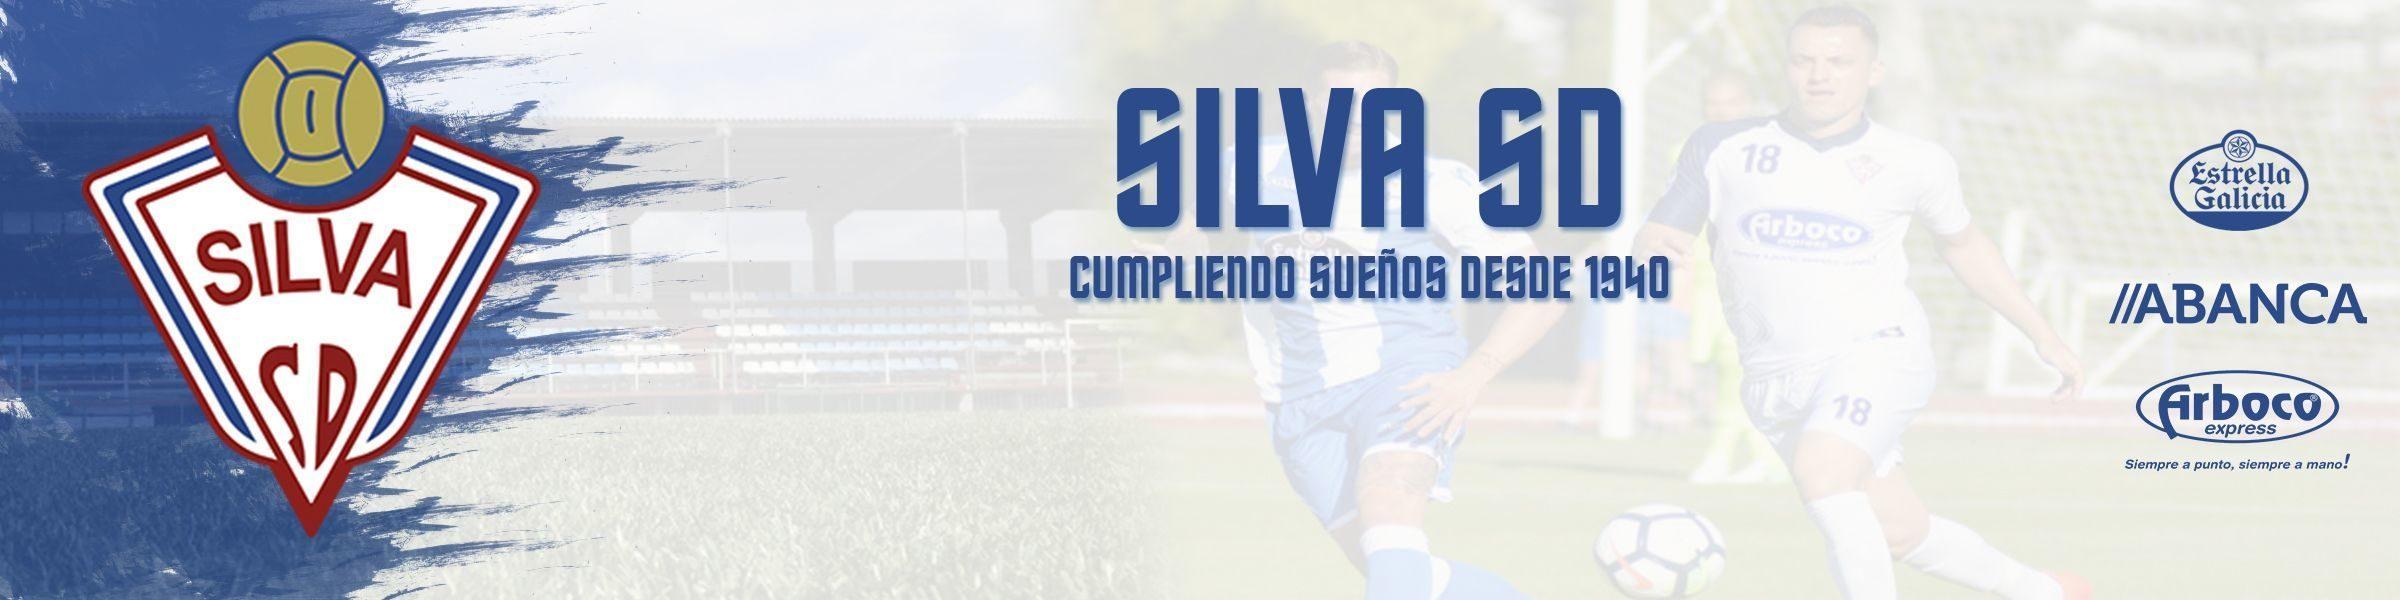 Club Silva SD